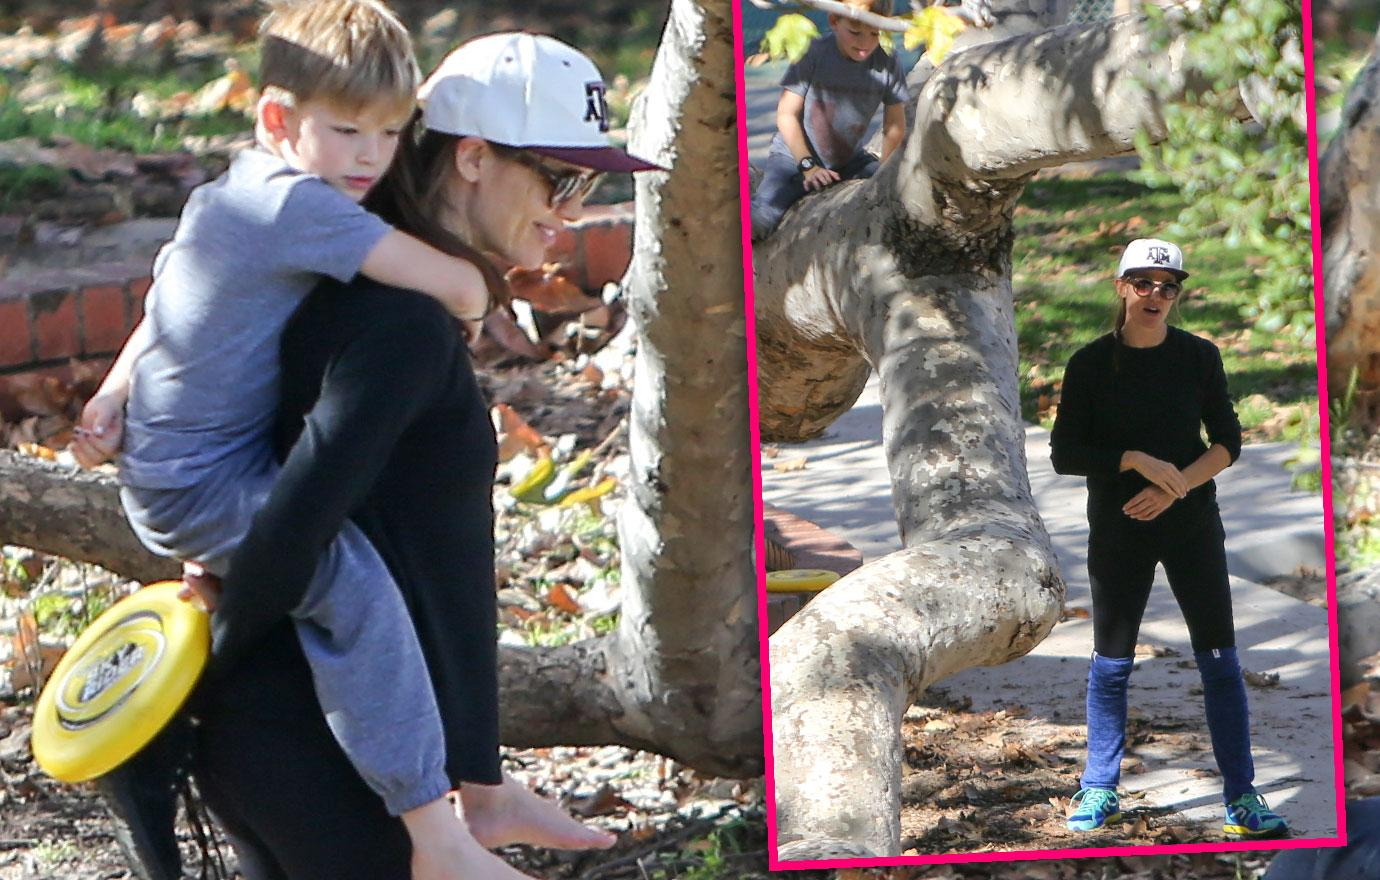 Jennifer Garner Goes To The Park With Samuel